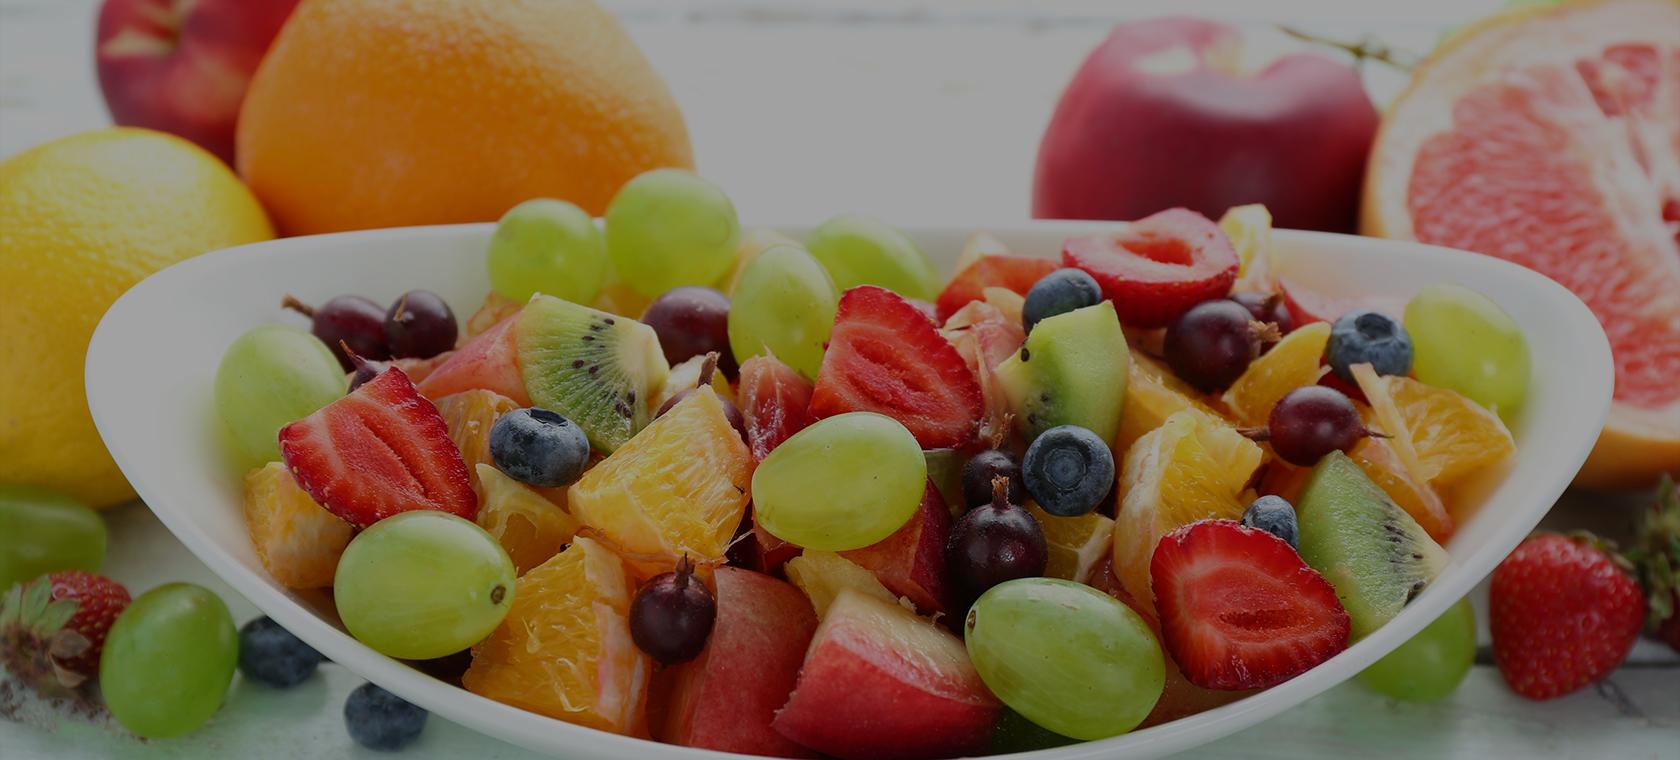 Del Monte Europe - Prepared Fruits